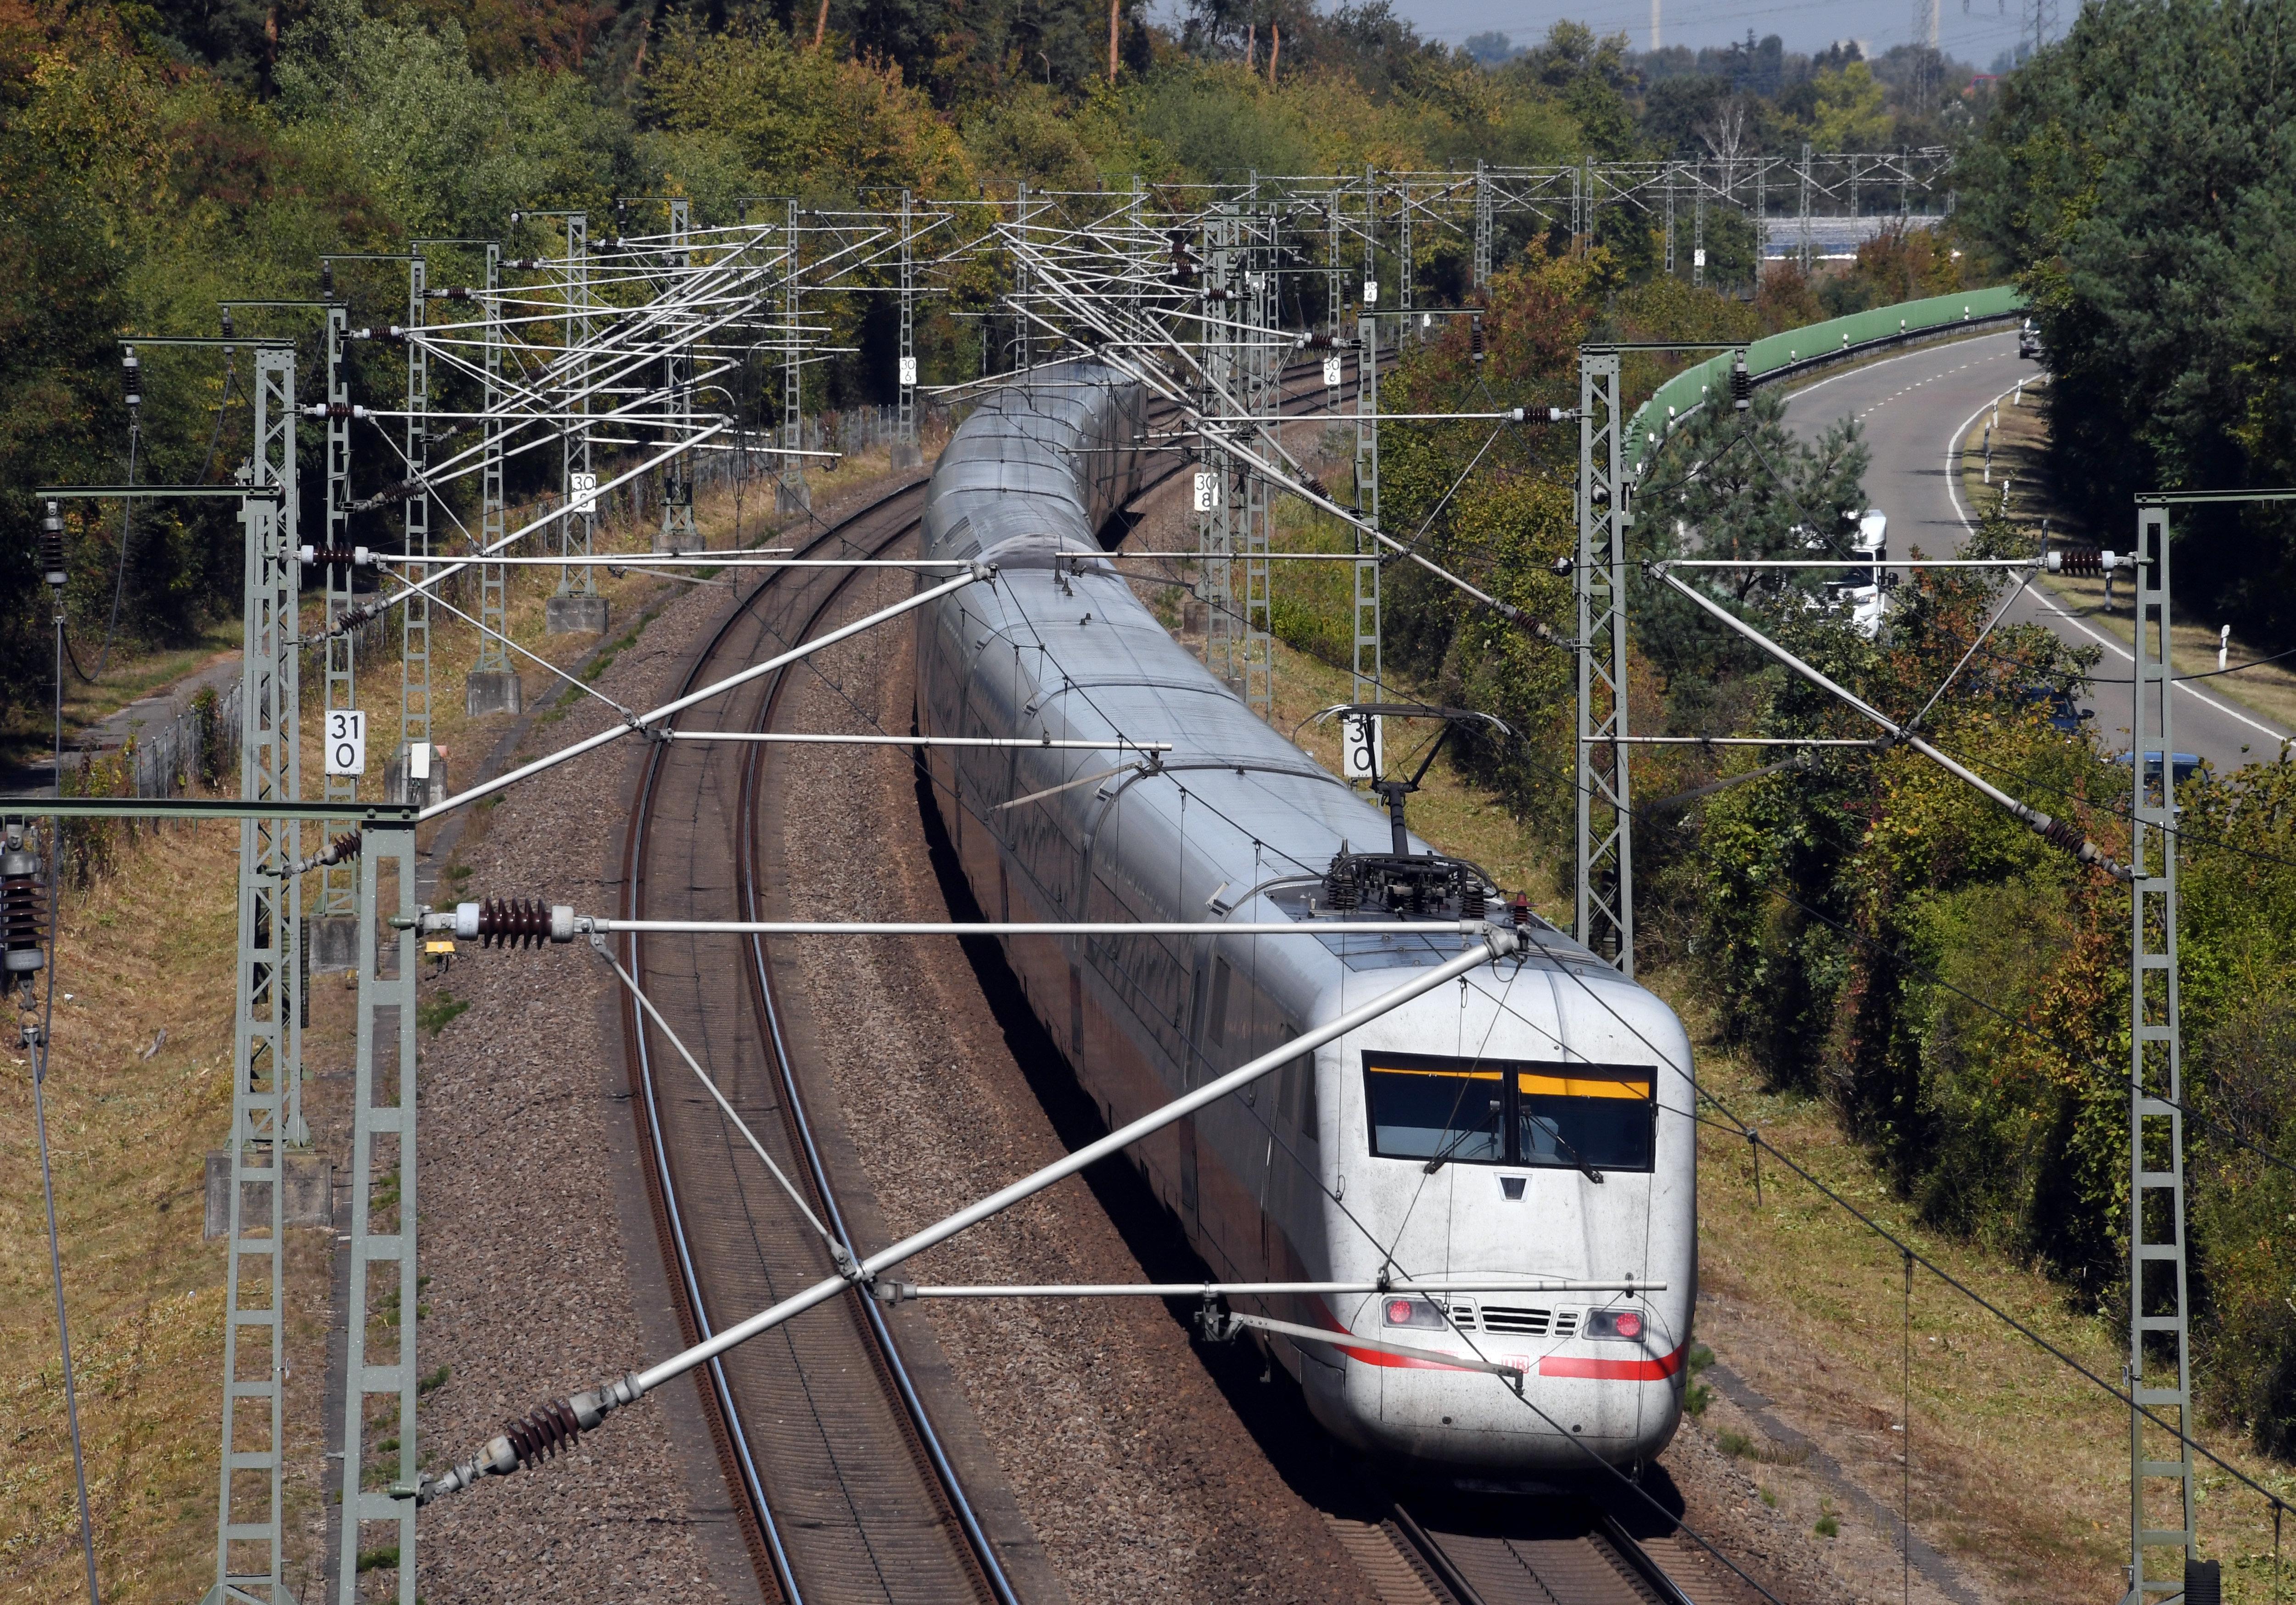 Deutschland: Bahn saniert ab 2019 alte ICE-Routen - monatelange Sperrungen